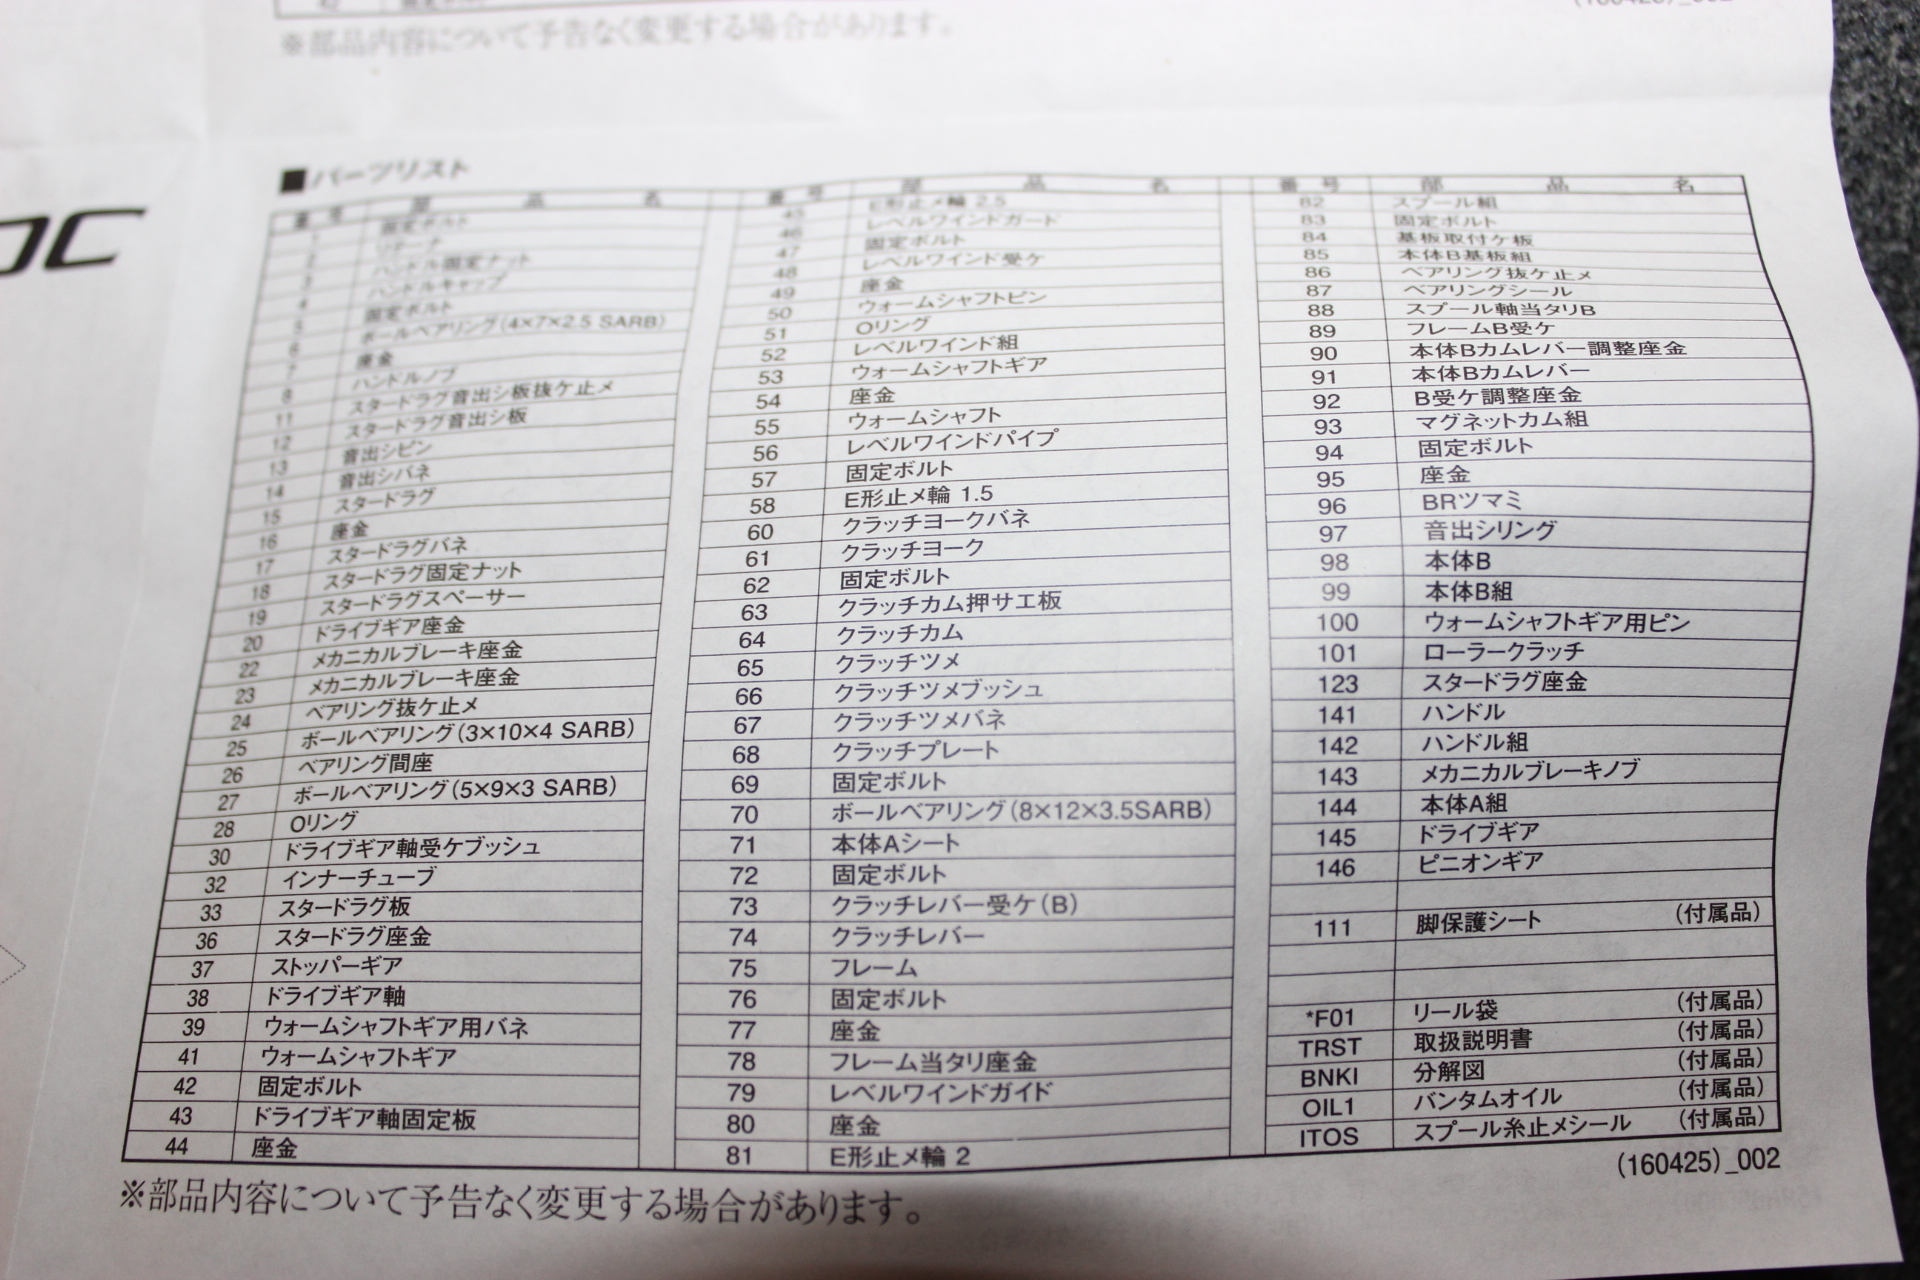 【15 メタニウムDC HG 分解図】メンテナンスしてみた!!